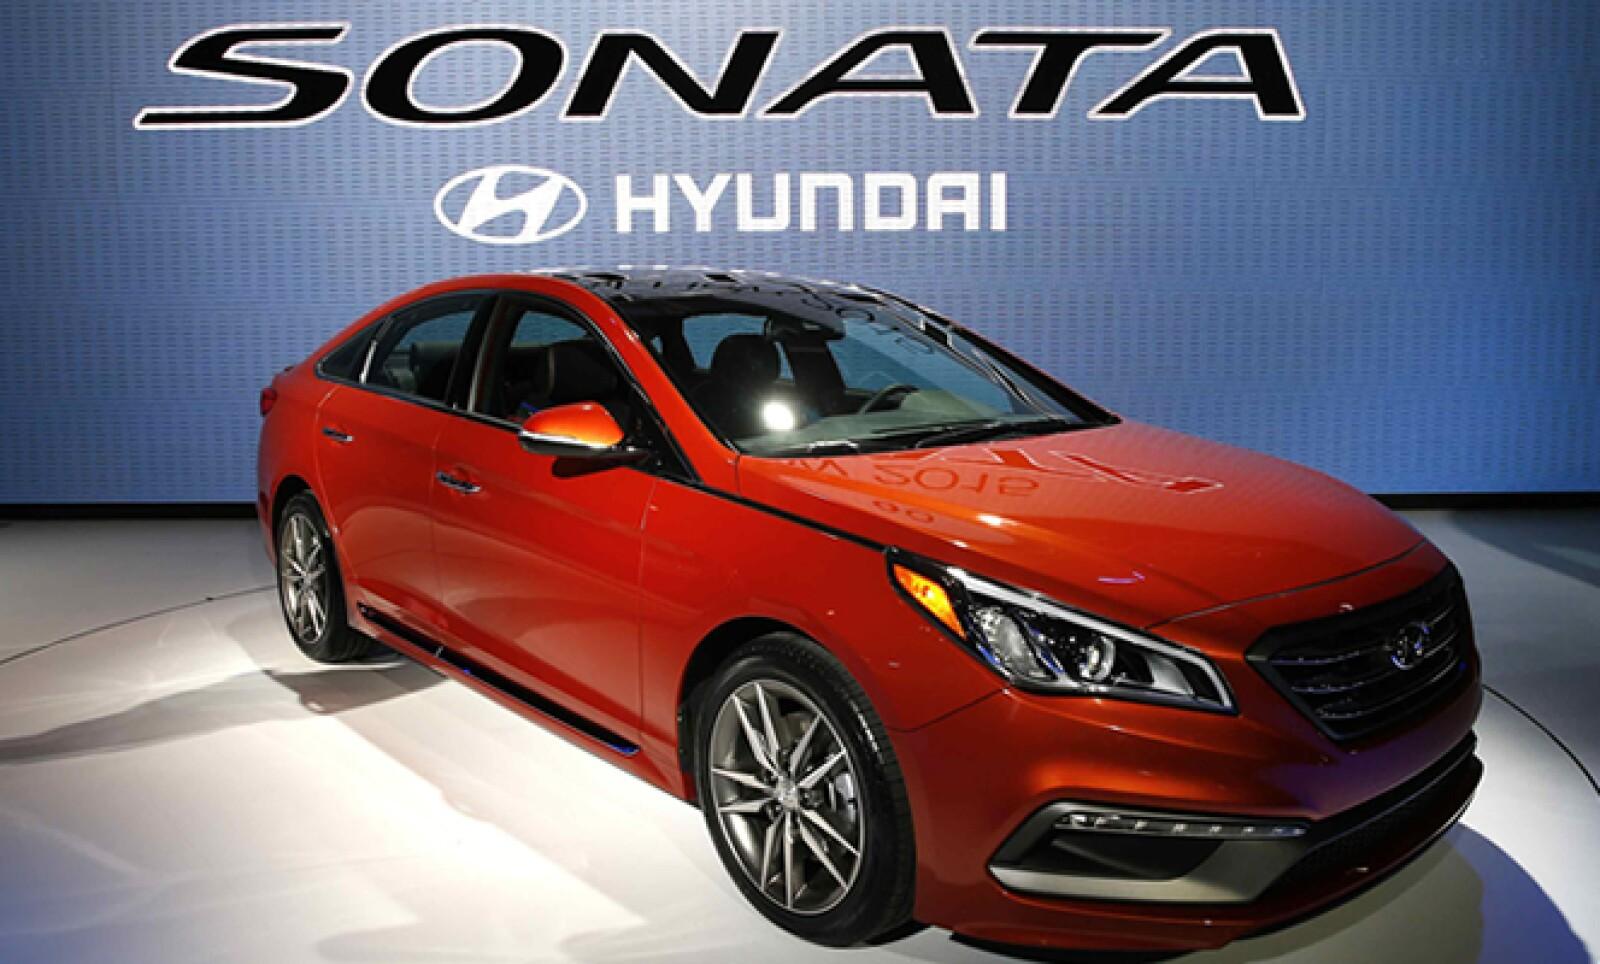 El Accent de Hyundai se mejora para ofrecer nuevas funcionalidades en la gama estándar.